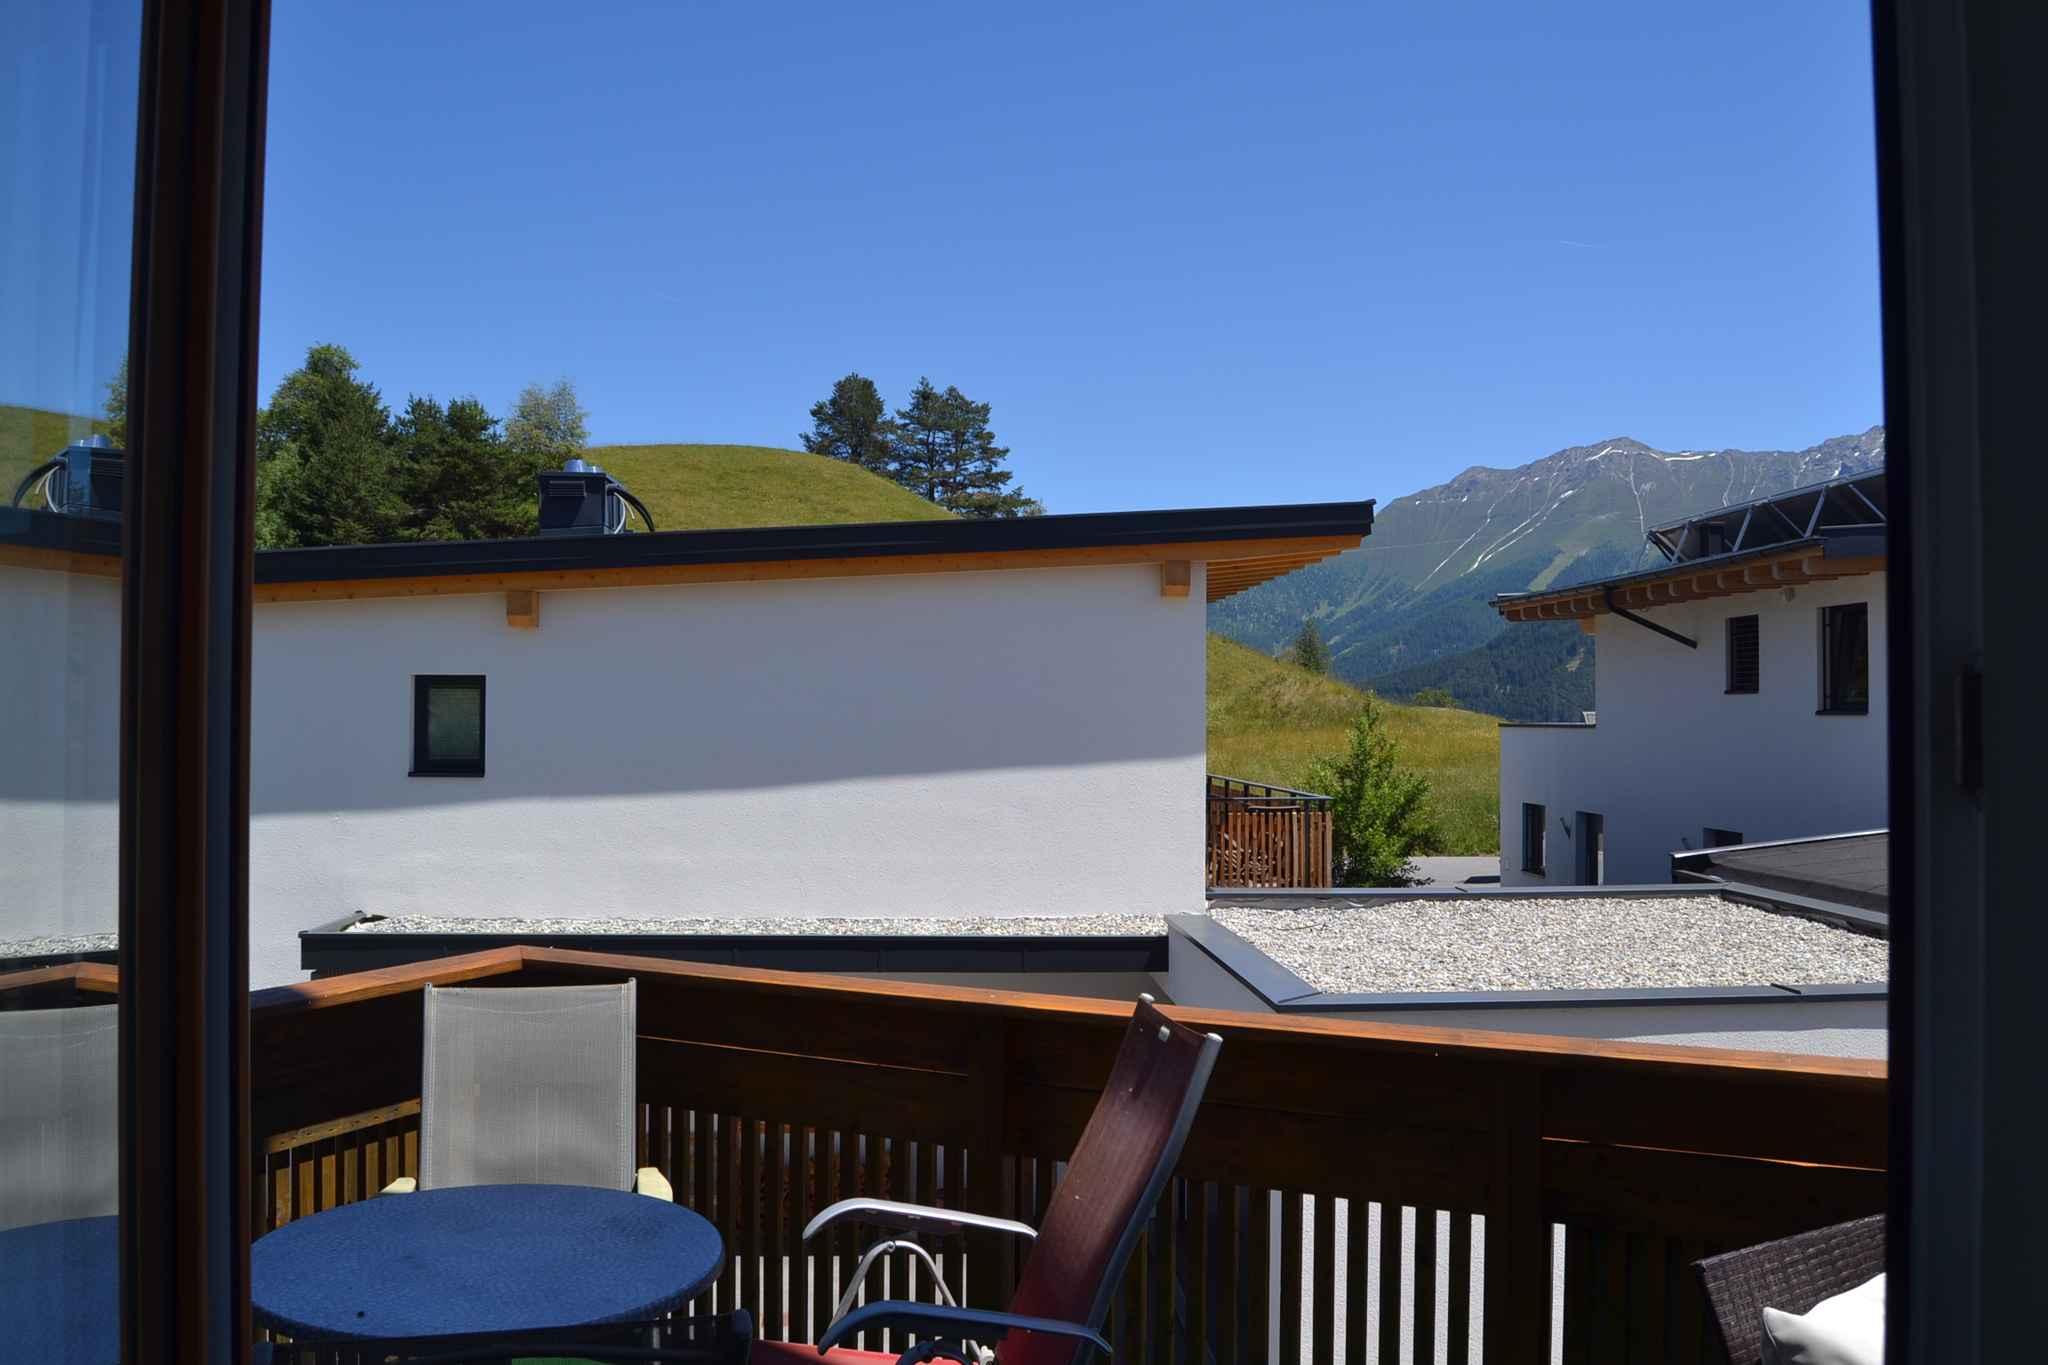 Ferienwohnung mit Blick auf die Bergwelt (283616), Serfaus, Serfaus-Fiss-Ladis, Tirol, Österreich, Bild 3